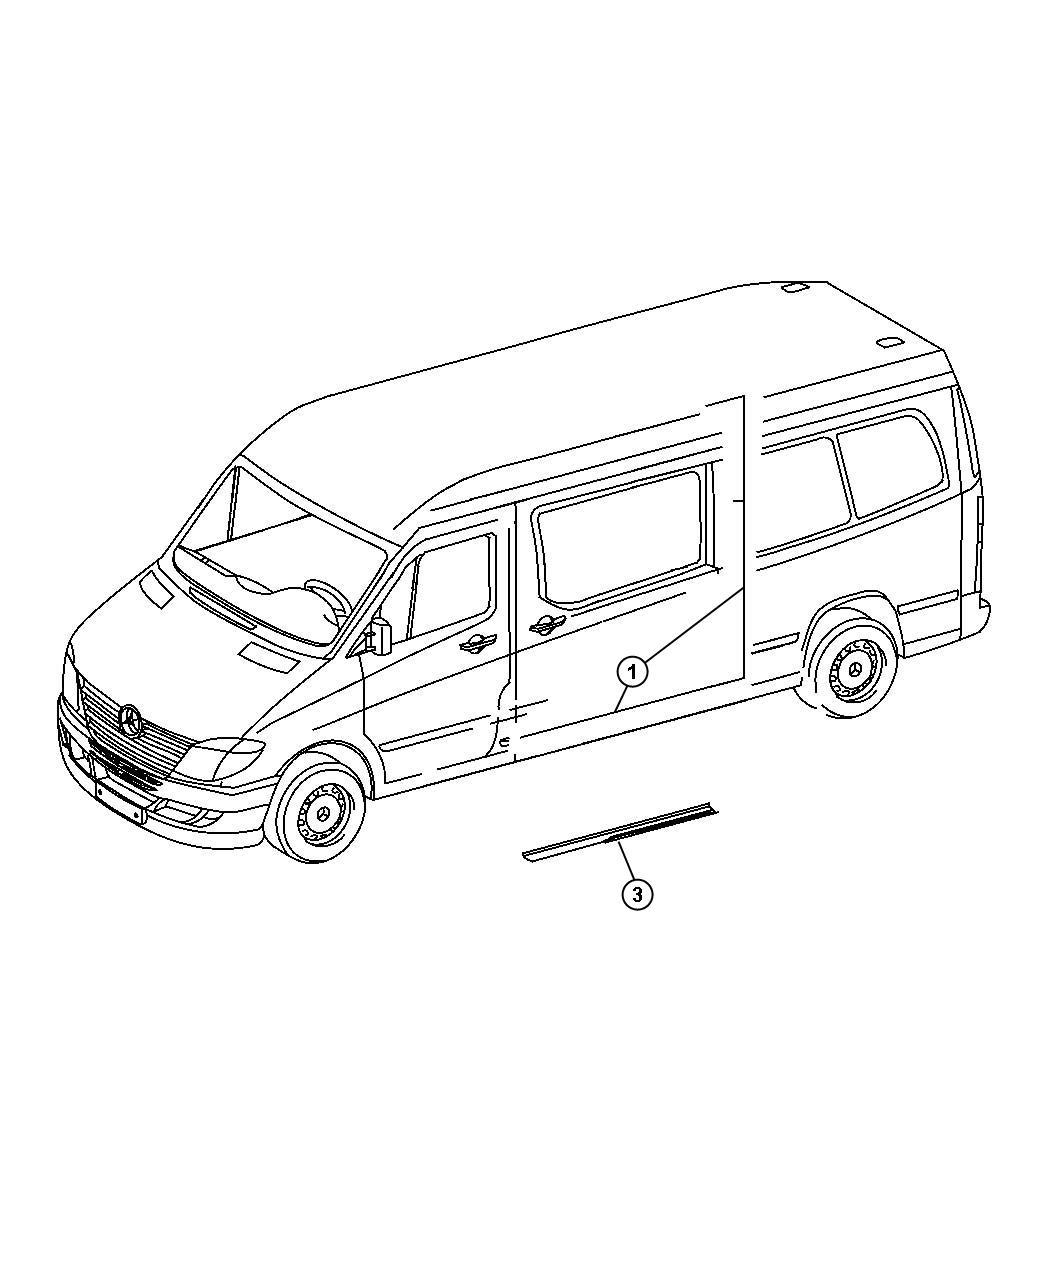 2007 dodge ram door wiring harness  dodge  auto wiring diagram